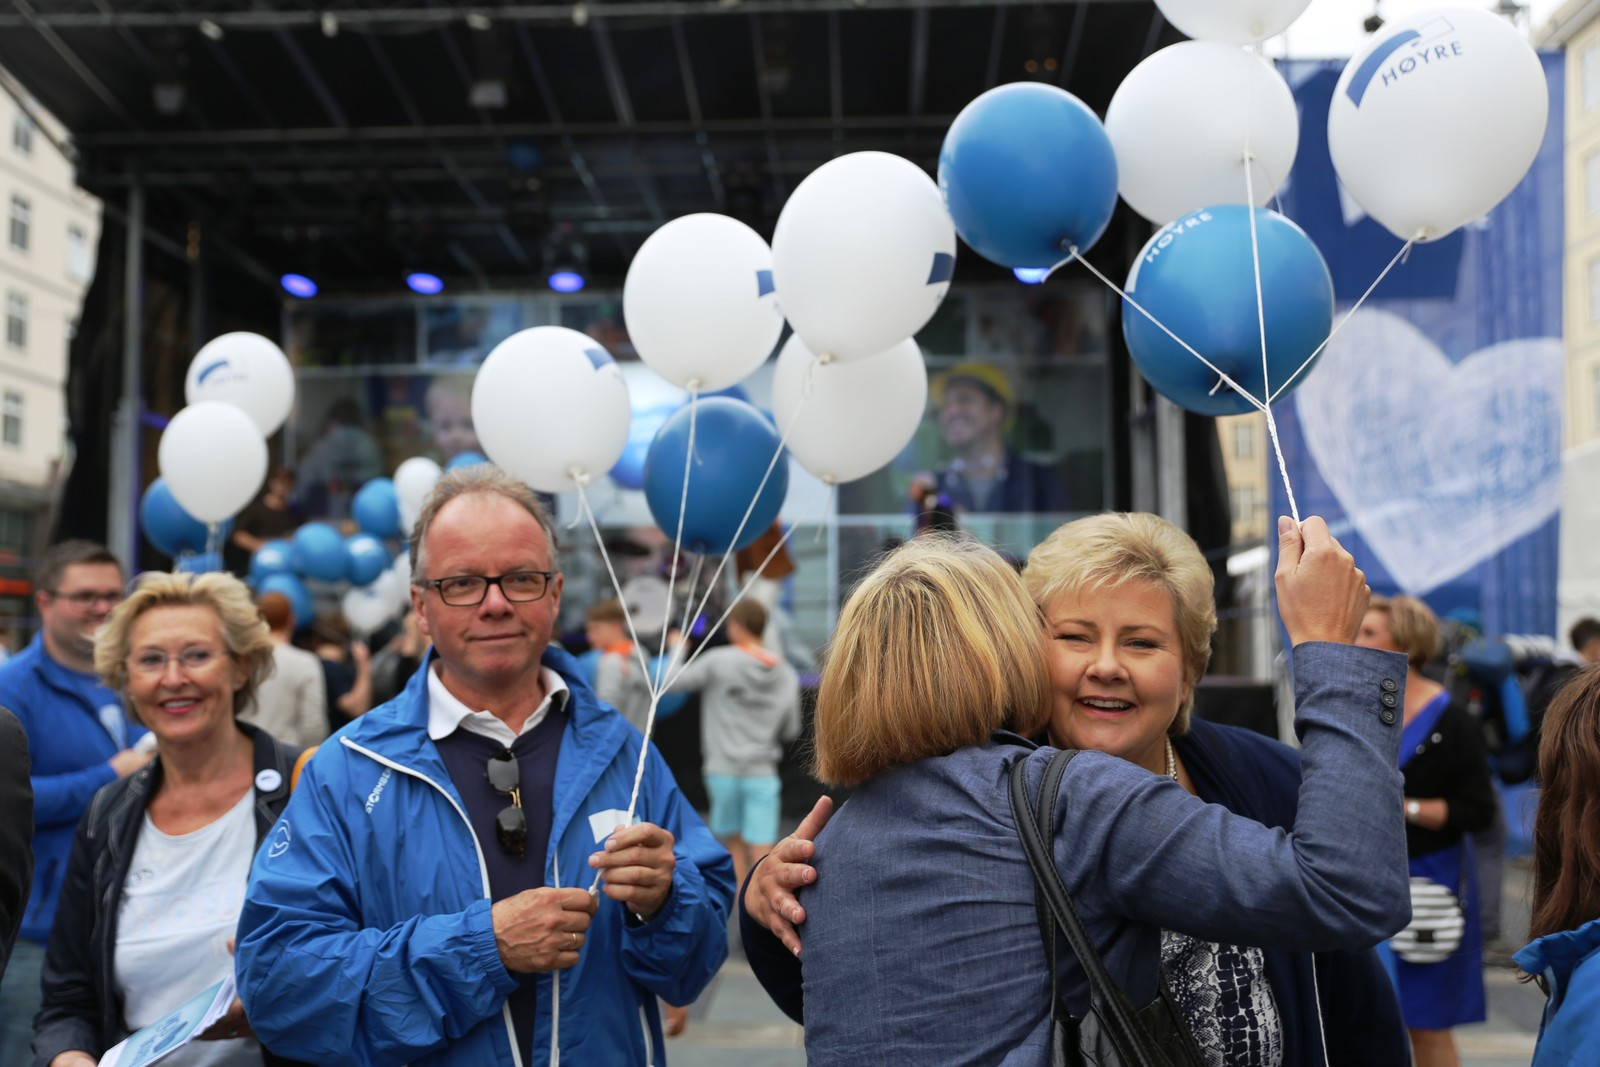 Statsminister Erna Solberg gir klem til en av velgerne.